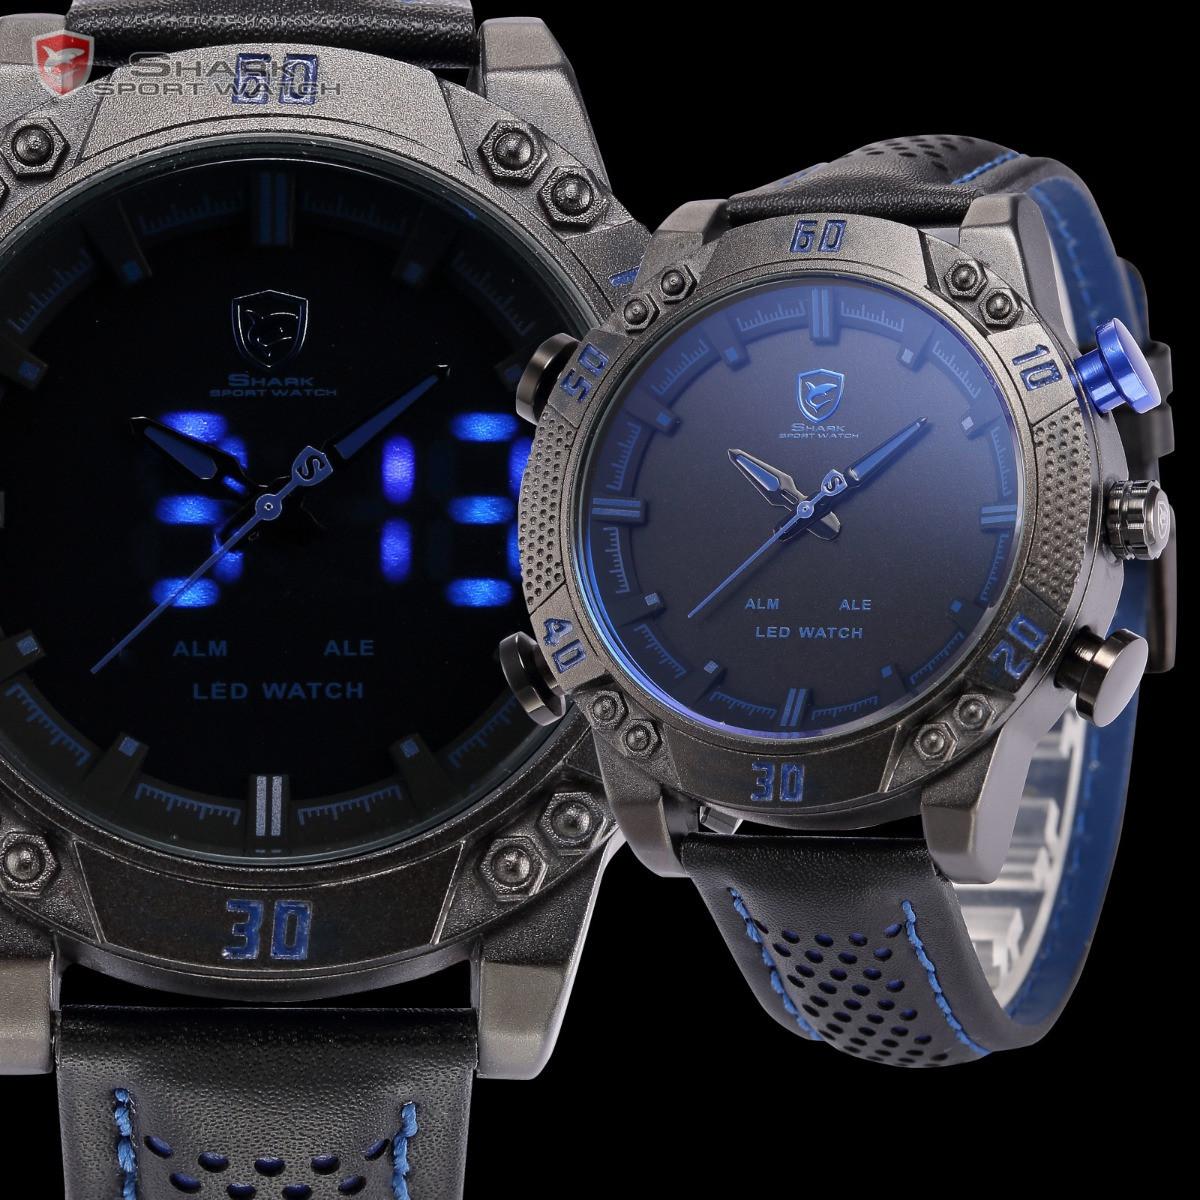 98b8ac7a4514 Мужские часы SHARK SH265 Digital Blue Sport Watch - интернет- магазин